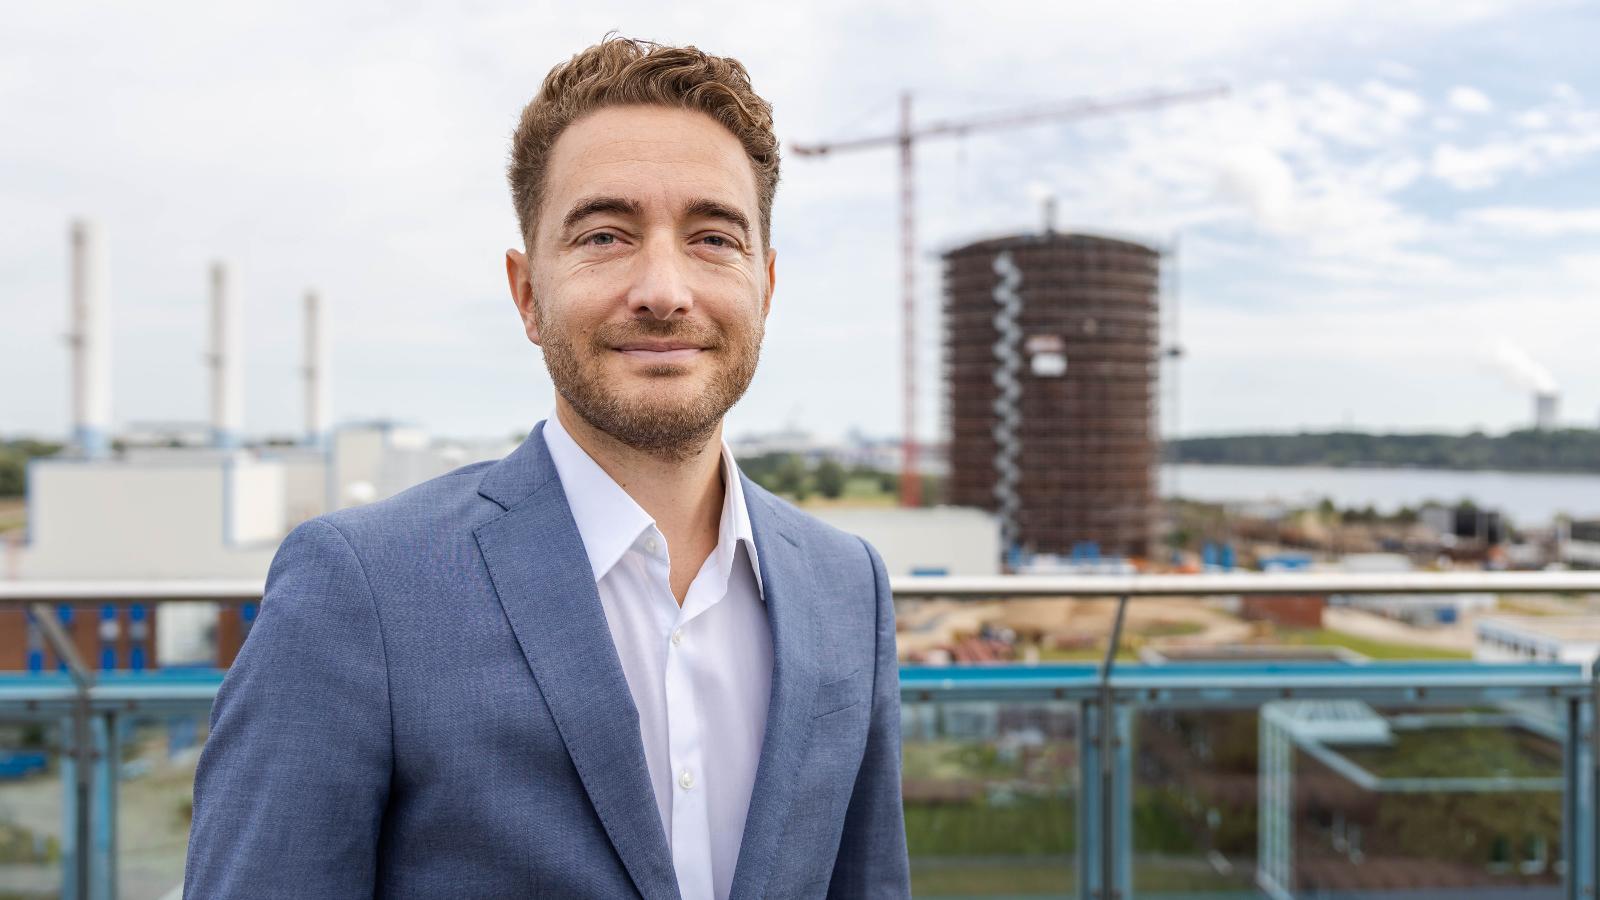 Als Journalist haben Sie Fragen an die Rostocker Stadtwerke? -